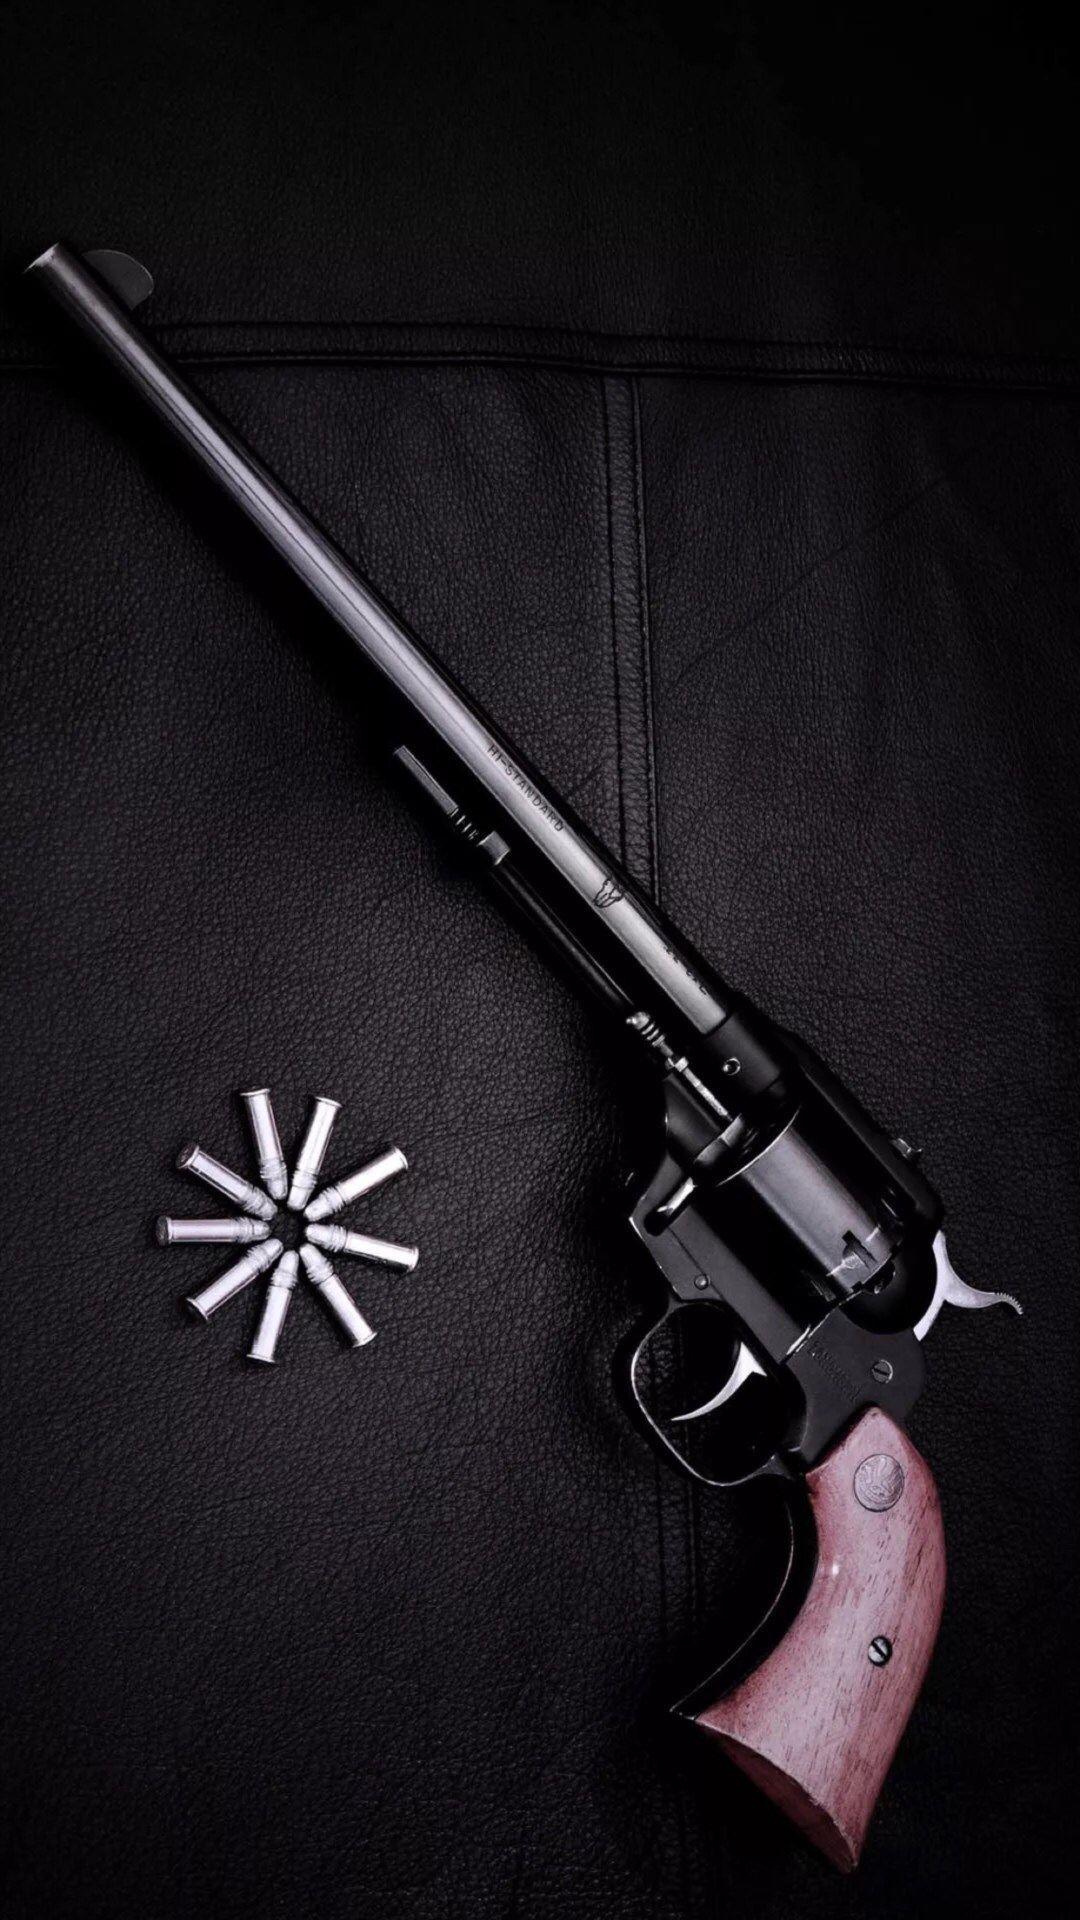 Revolver Gun Dark Background IPhone 6 Wallpaper